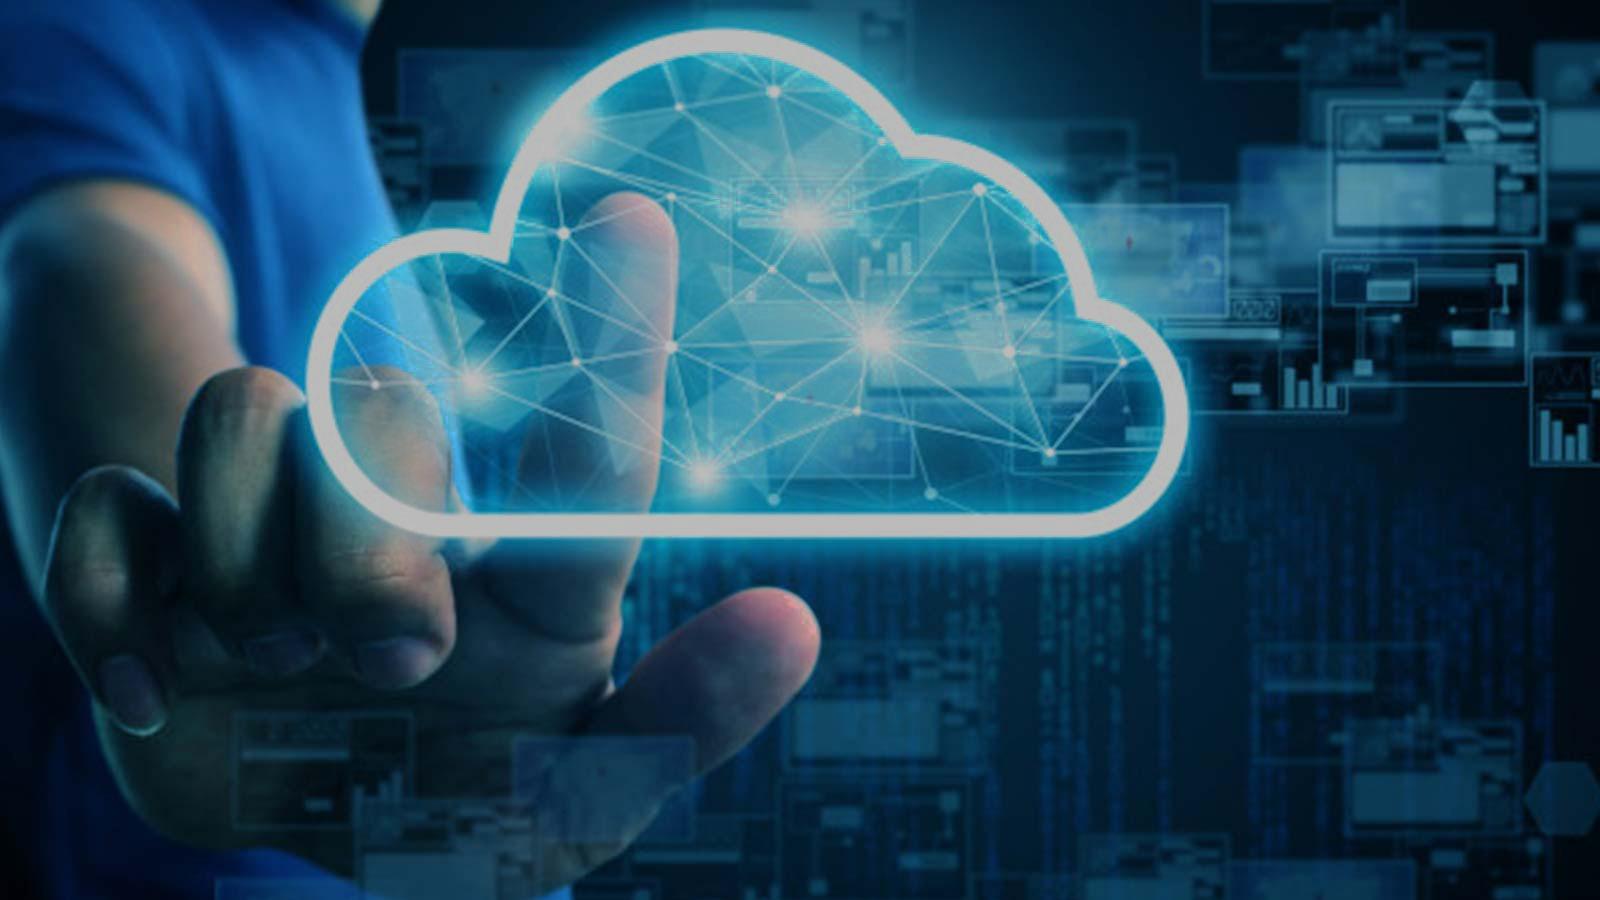 Le 4 categorie del Cloud computing: SaaS, PaaS, IaaS e DaaS